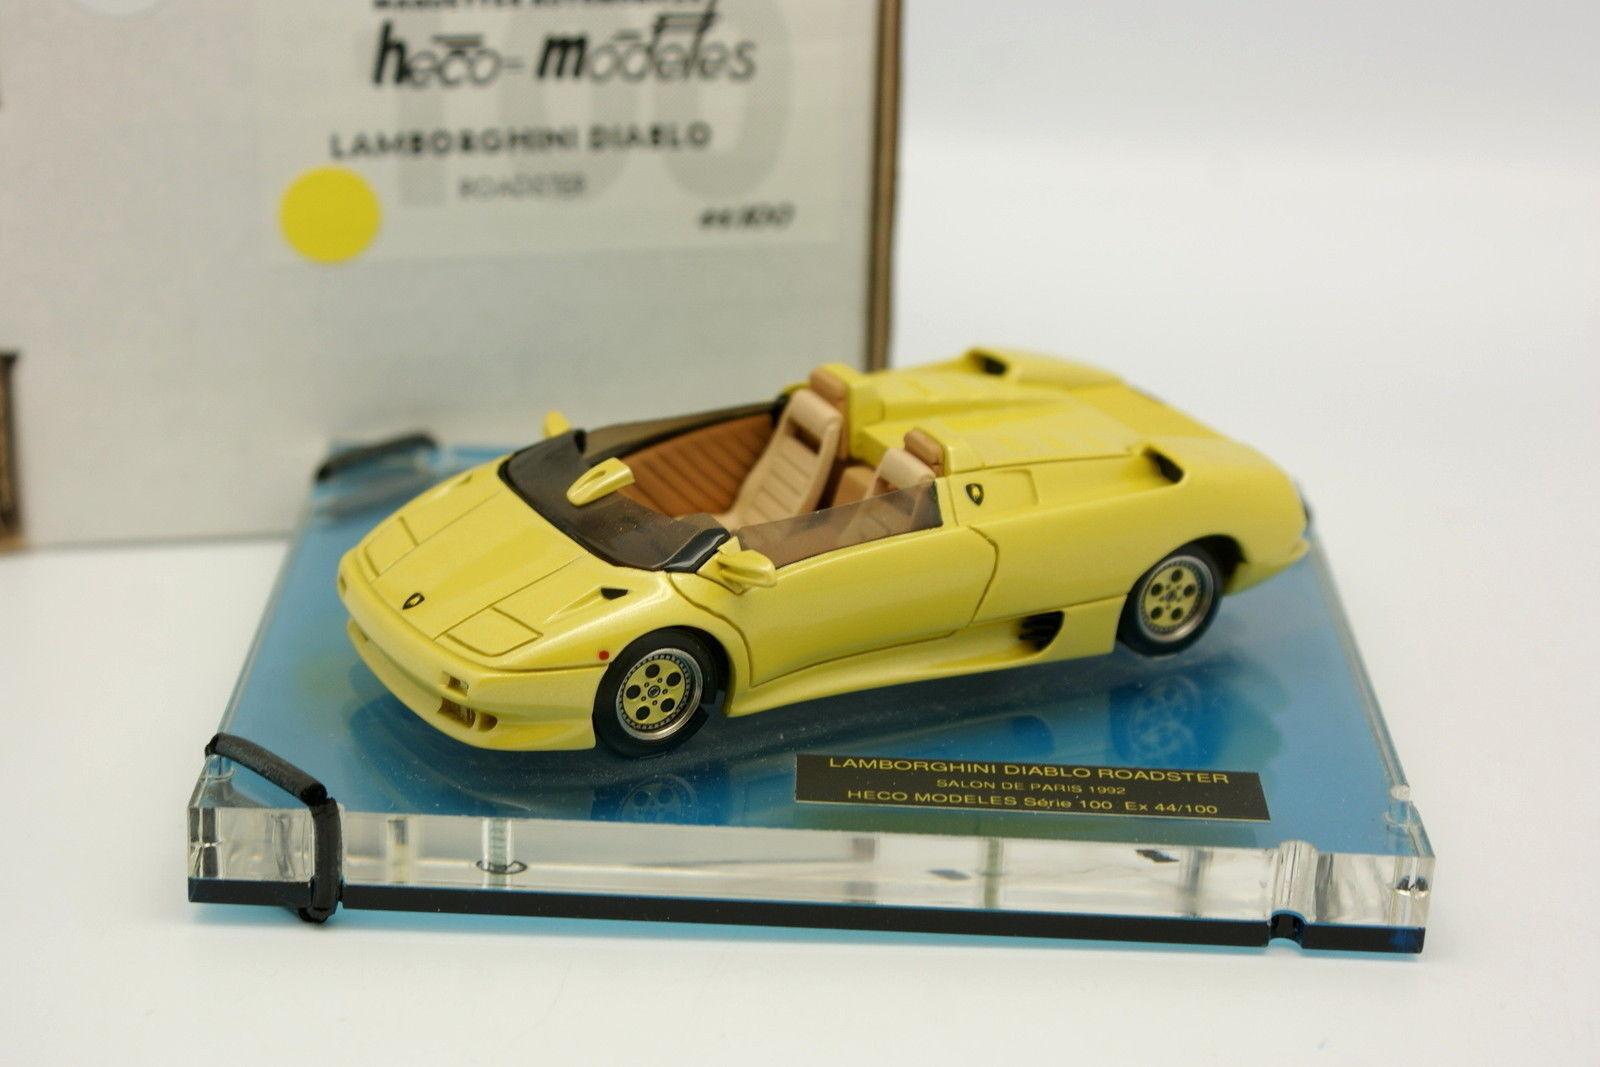 Héco Modèles Résine 1/43 - Lamborghini Diablo Roadster Salon Paris 1992 Jaune